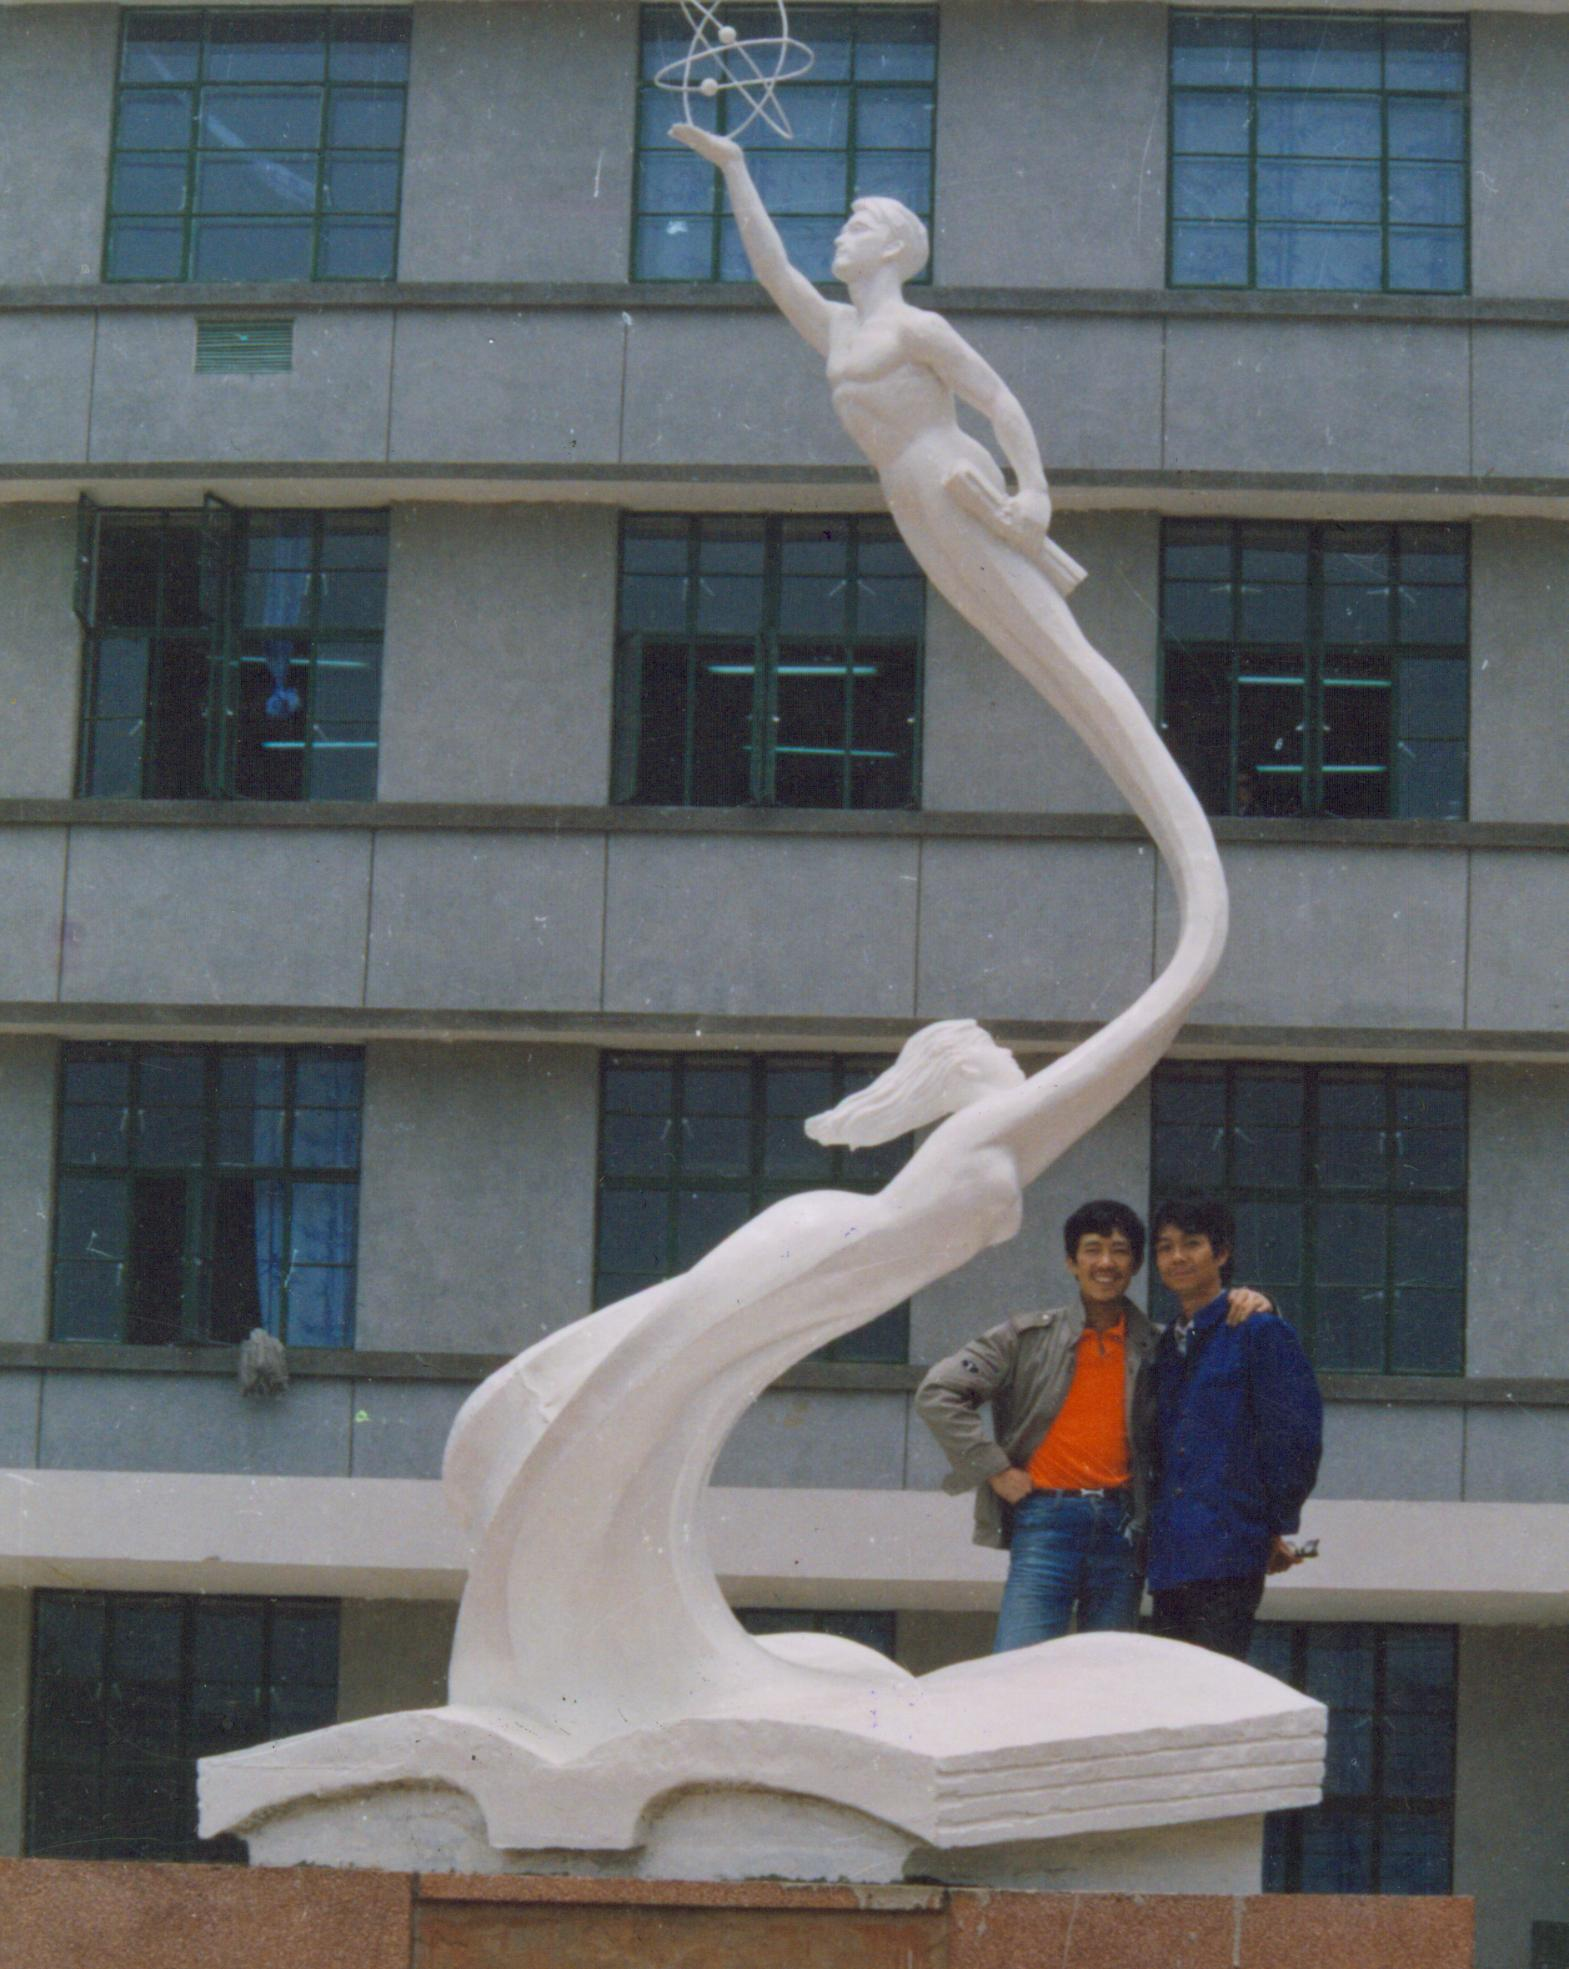 昆钢职大雕塑 - 理想之歌